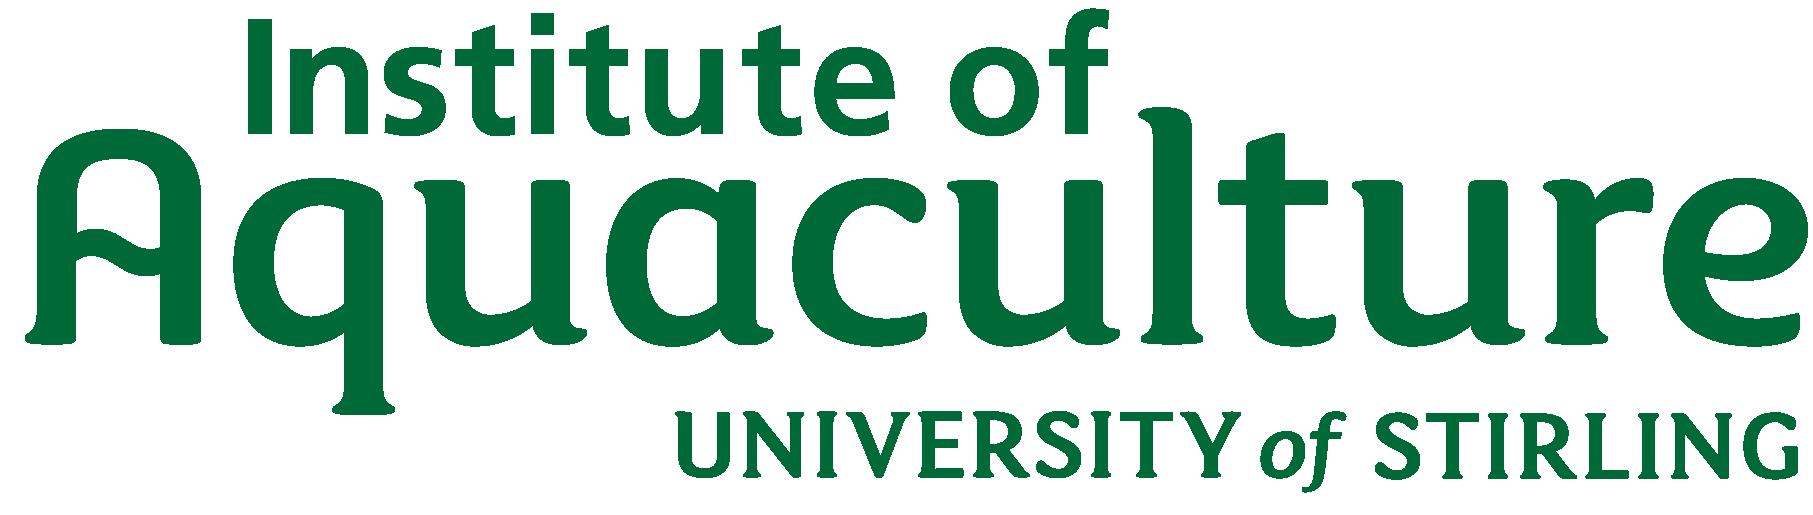 Institute of Aquaculture - University of Stirling